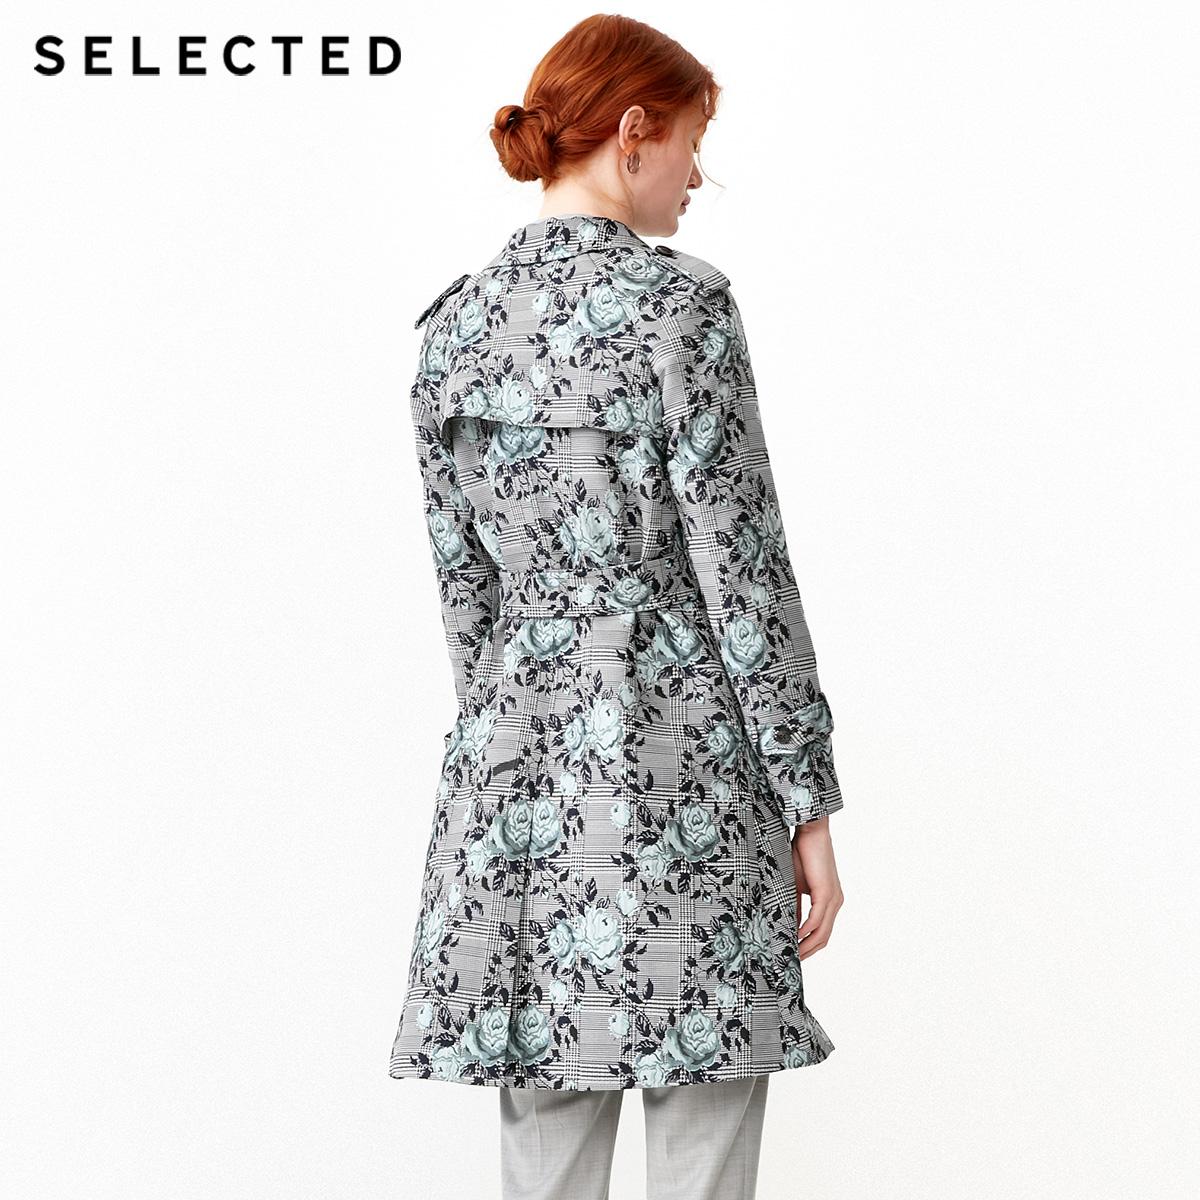 419121502 思莱德新款双排扣中长款风衣外套 SELECTED 折 8.5 件 3